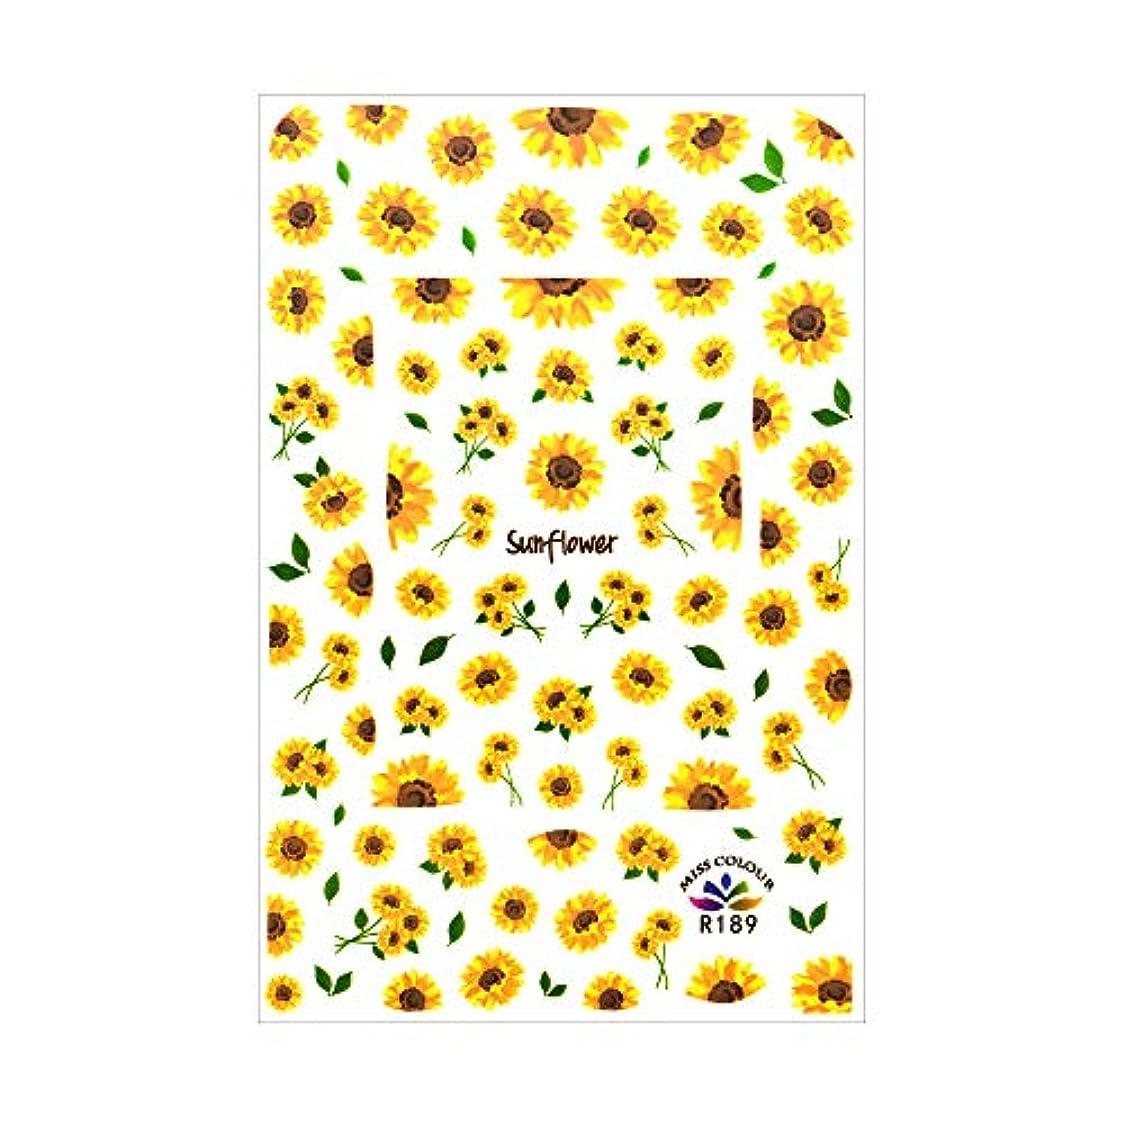 花束分スパンネイルシール ひまわりシール 花 フラワー 一輪花 ひまわり ヒマワリ 向日葵 サンフラワー 夏 サマー